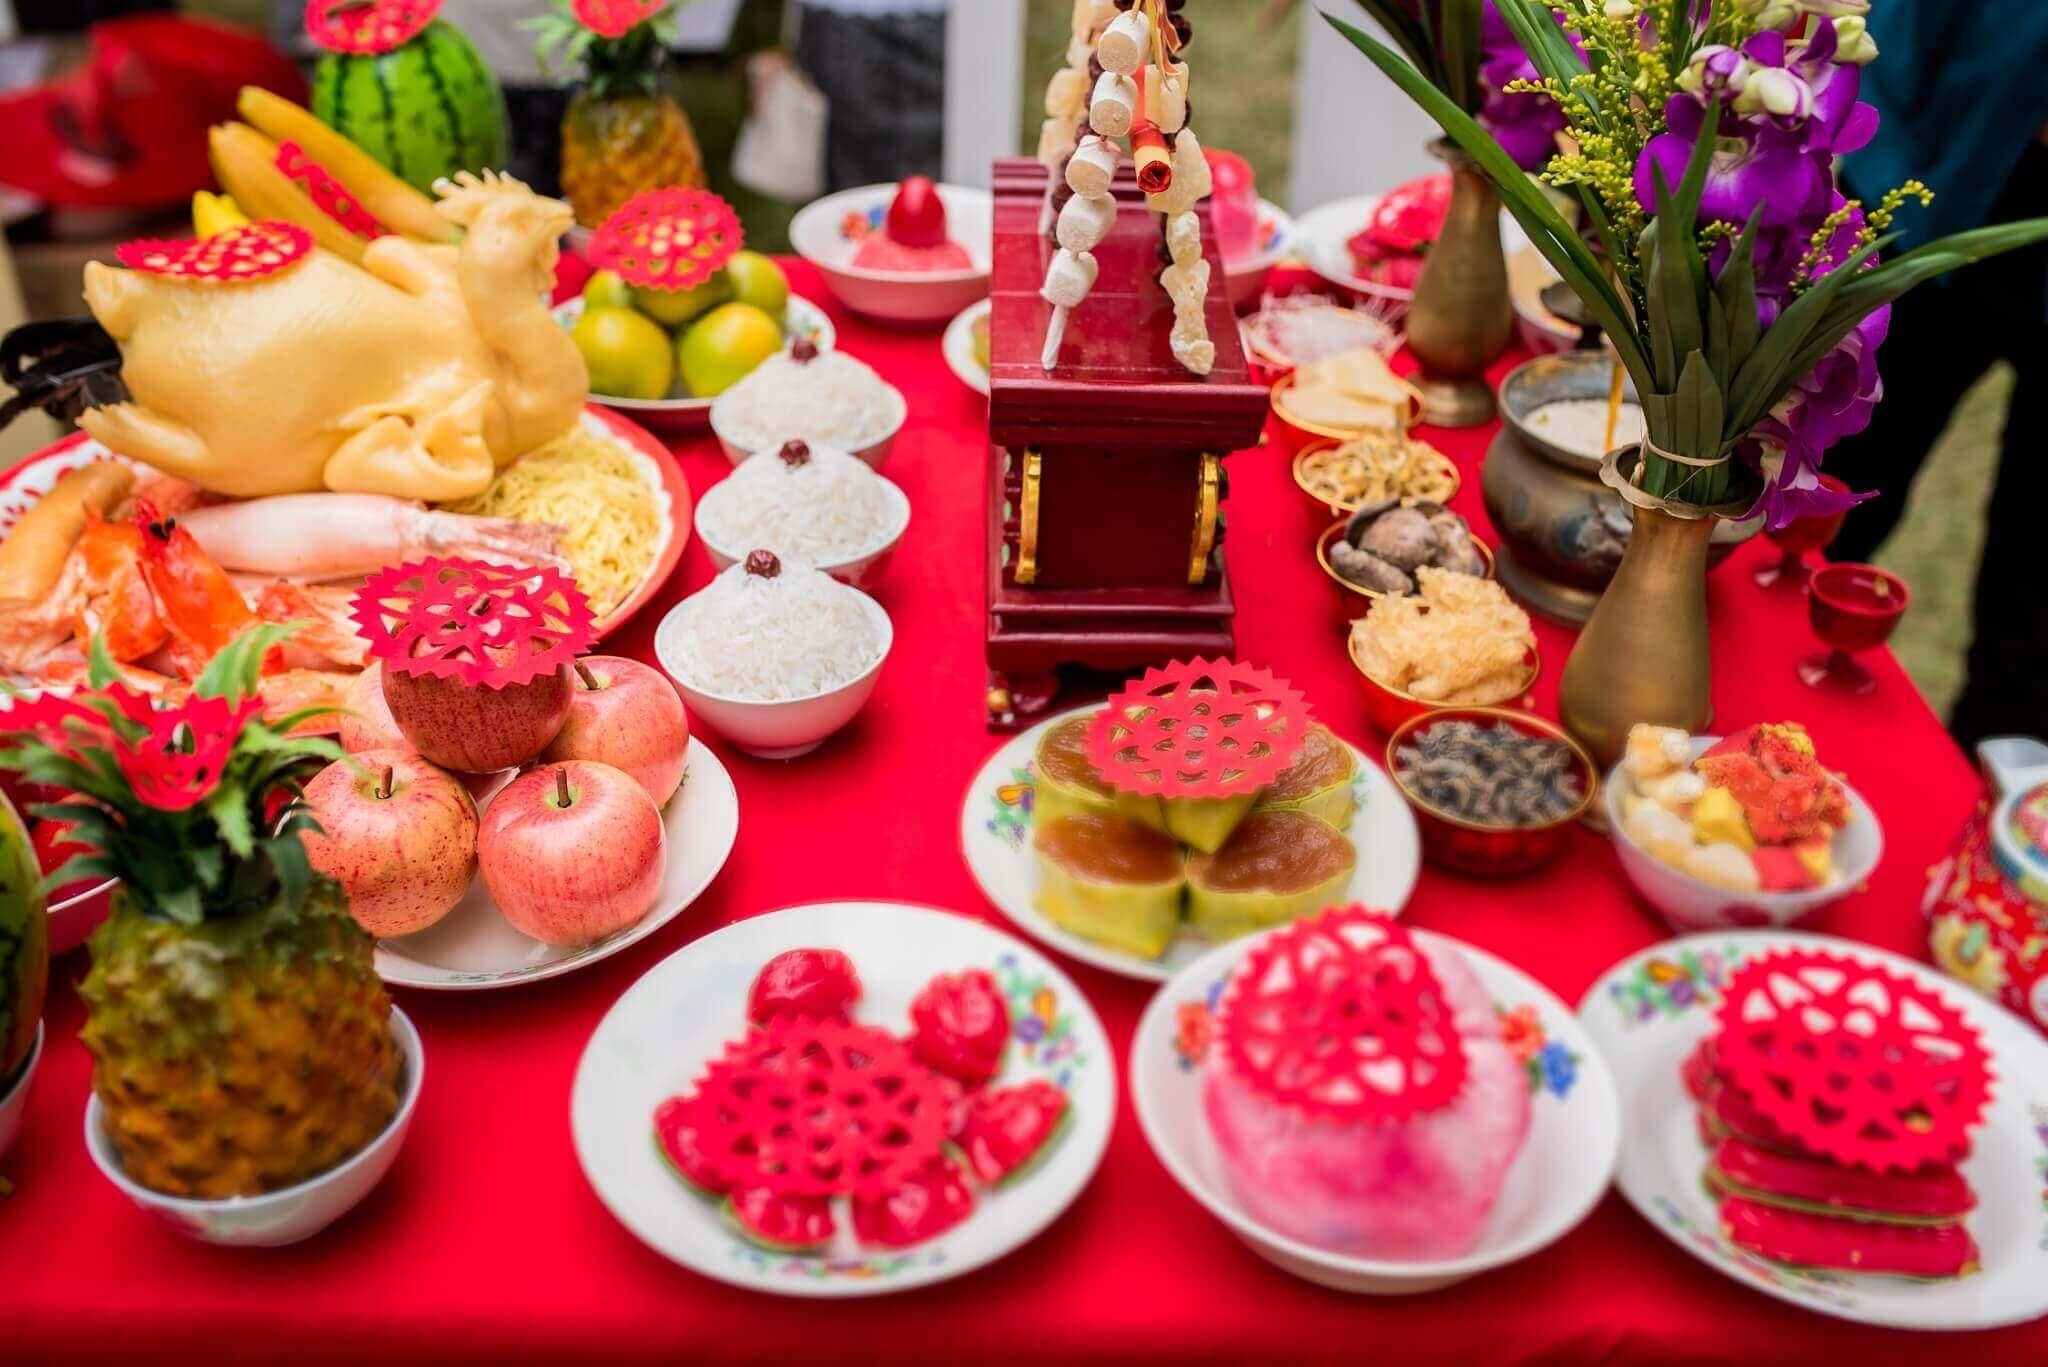 อาหาร ของไหว้วันตรุษจีน 2564